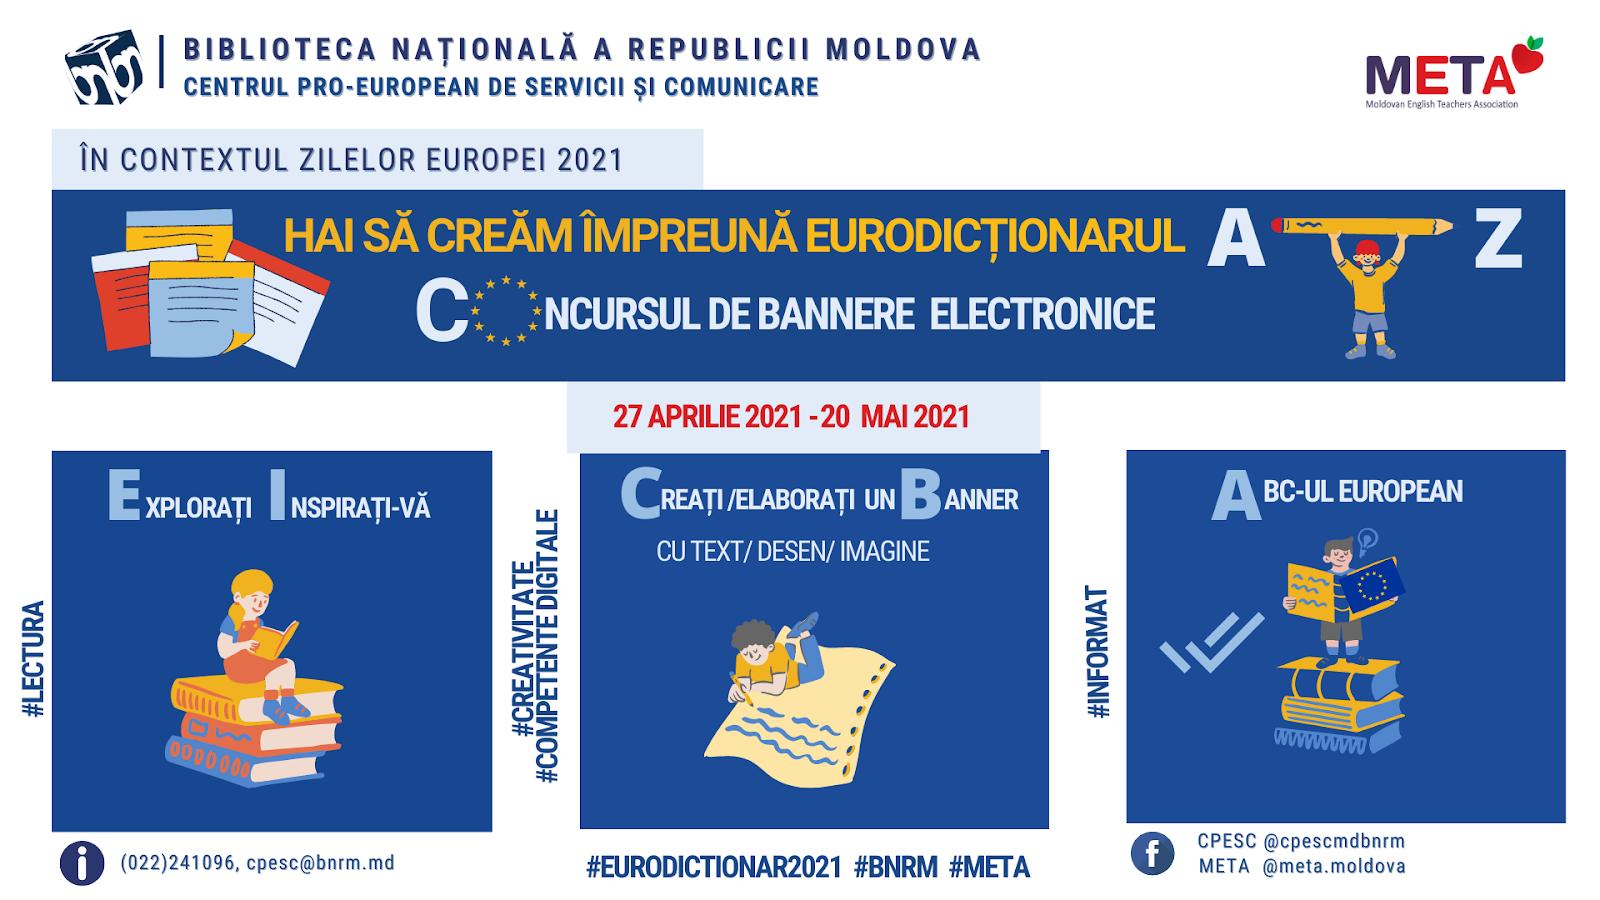 Concurs #Eurodictionarul2021